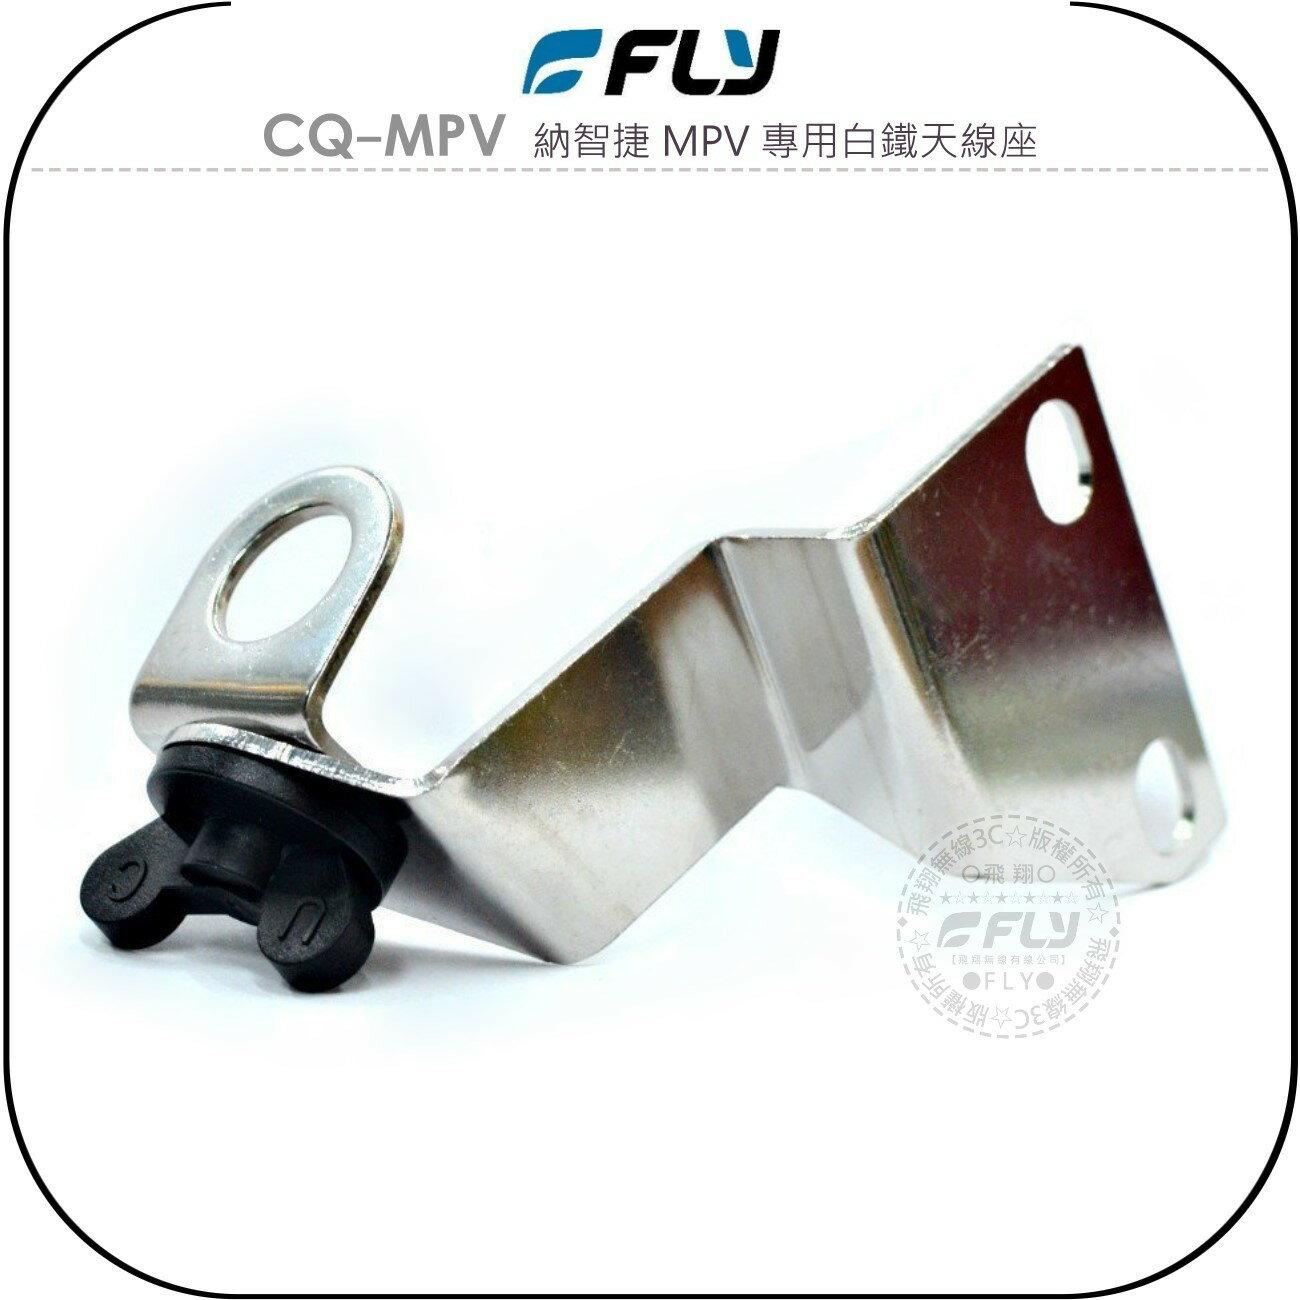 《飛翔無線3C》FLY CQ-MPV 納智捷 MPV 專用白鐵天線座│公司貨│油壓挺桿螺絲固定 Luxgen